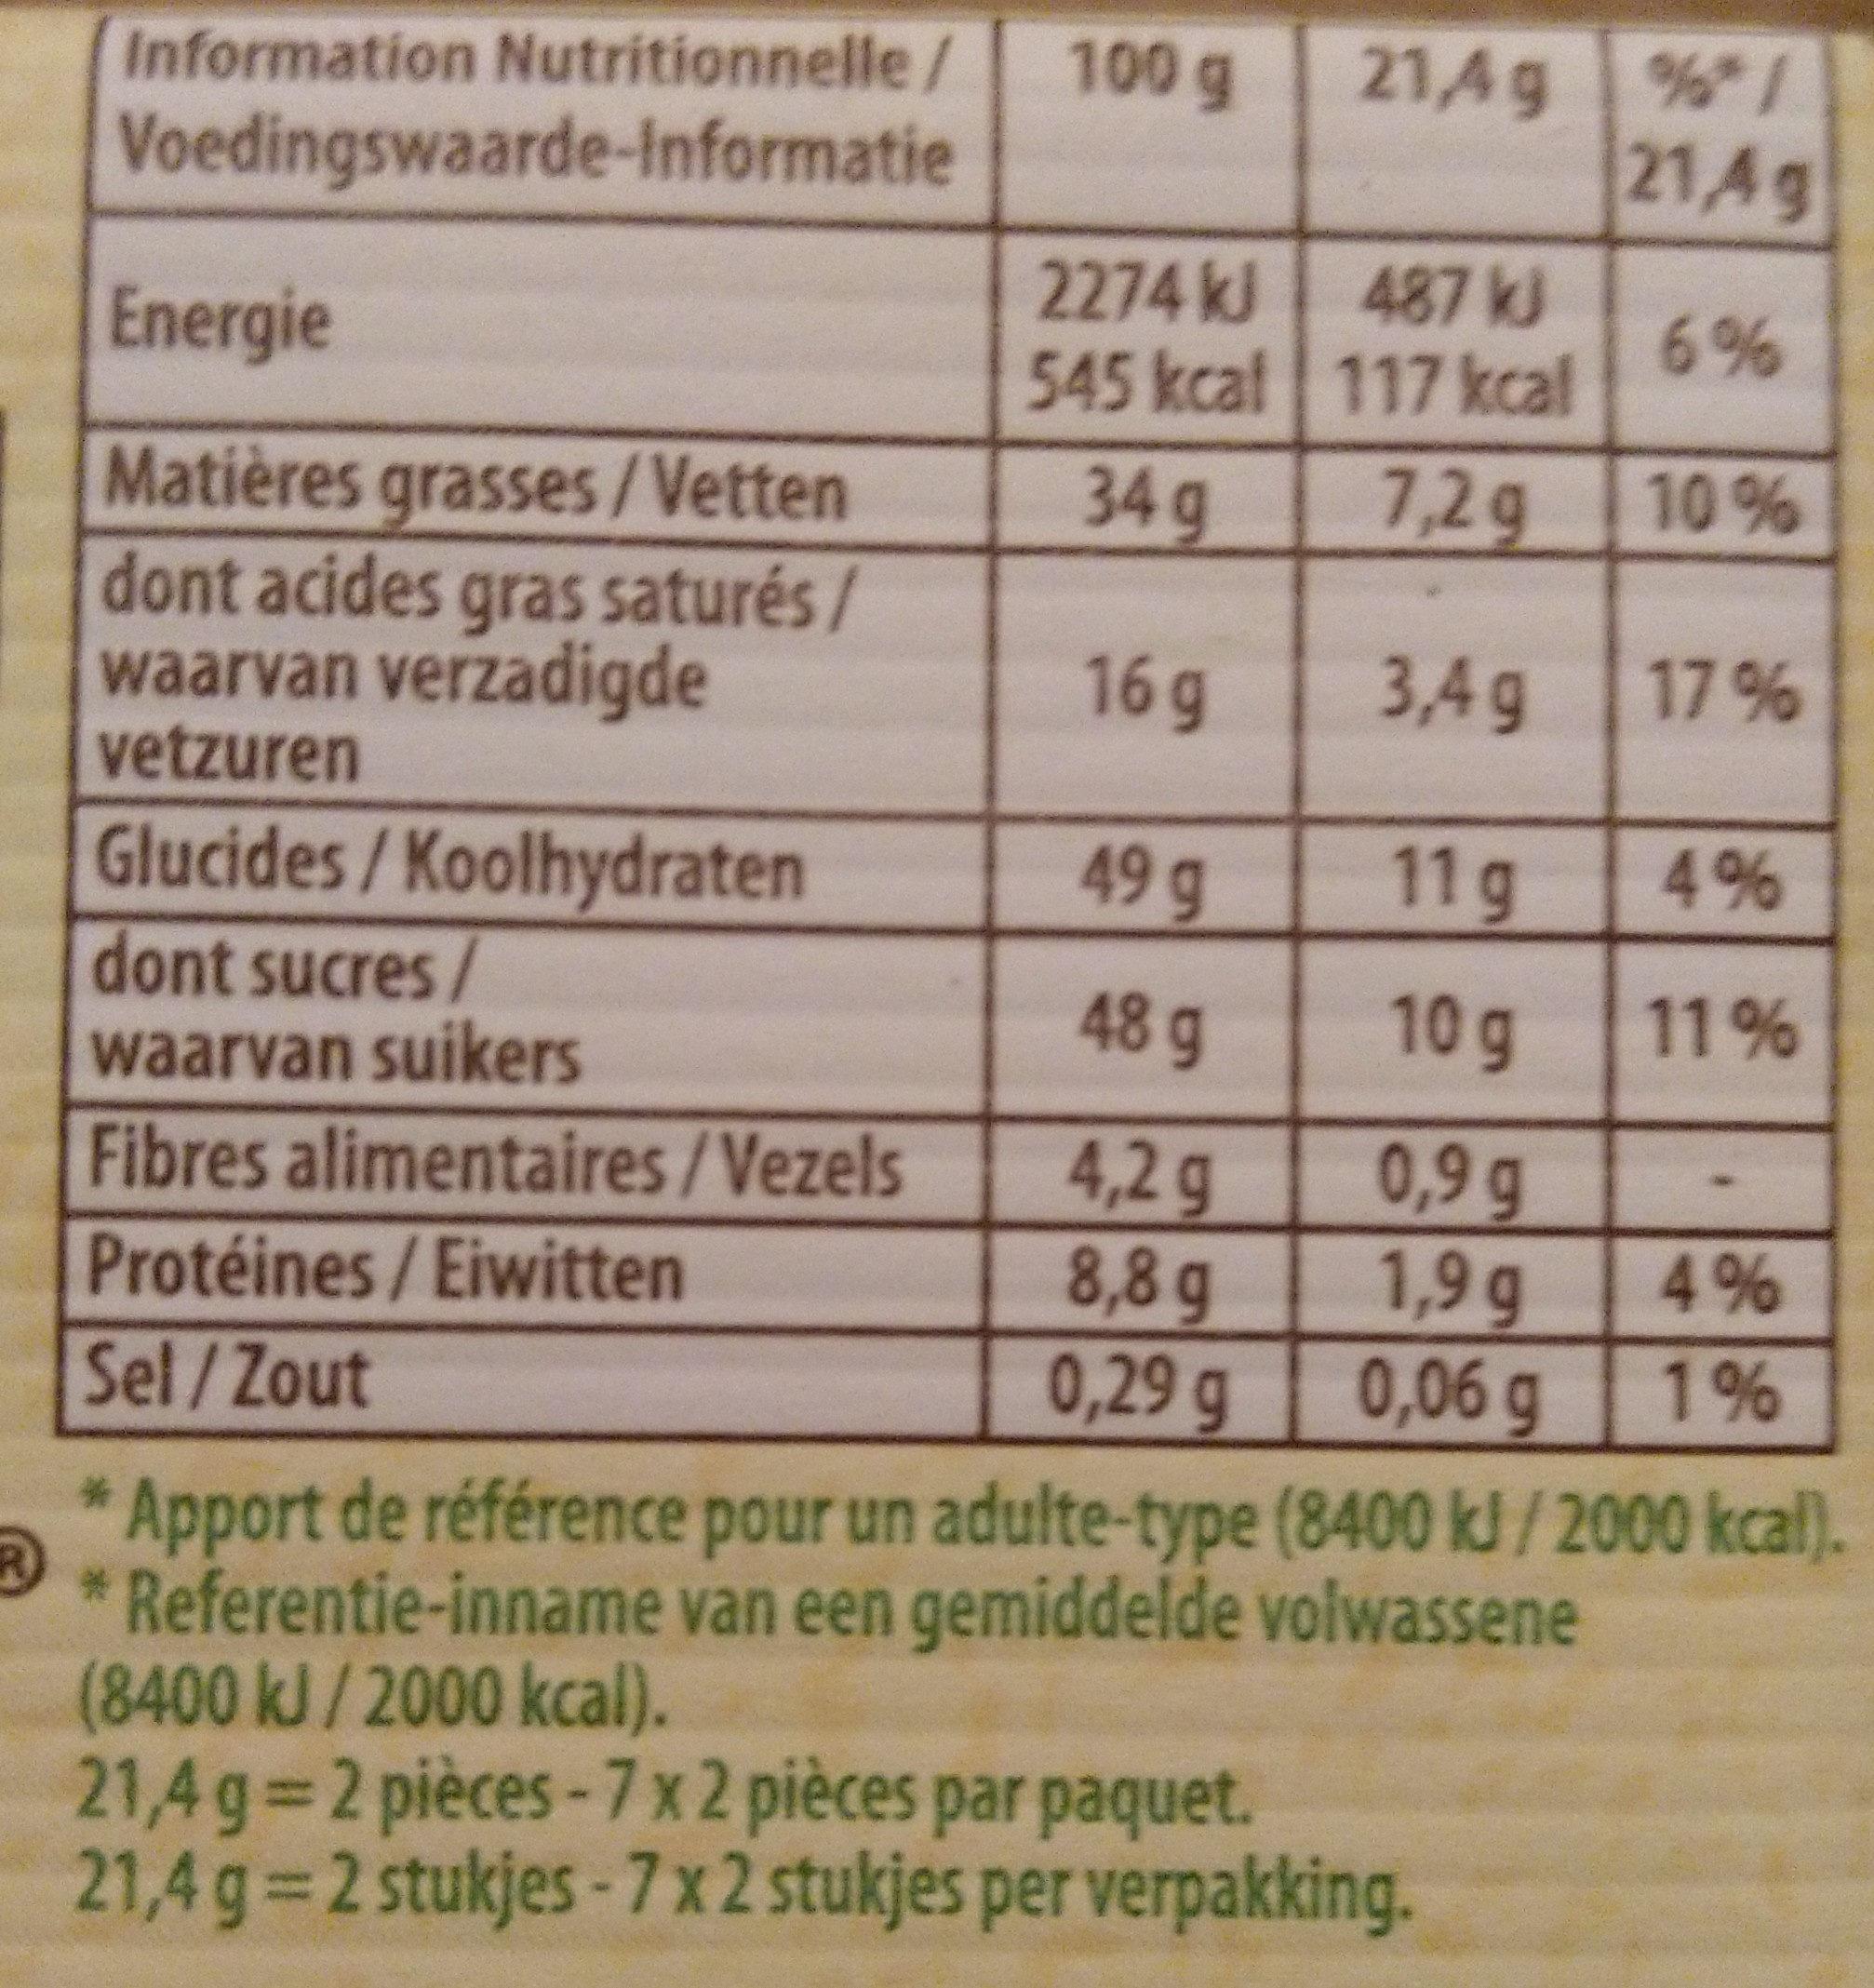 Lait noisettes - Nutrition facts